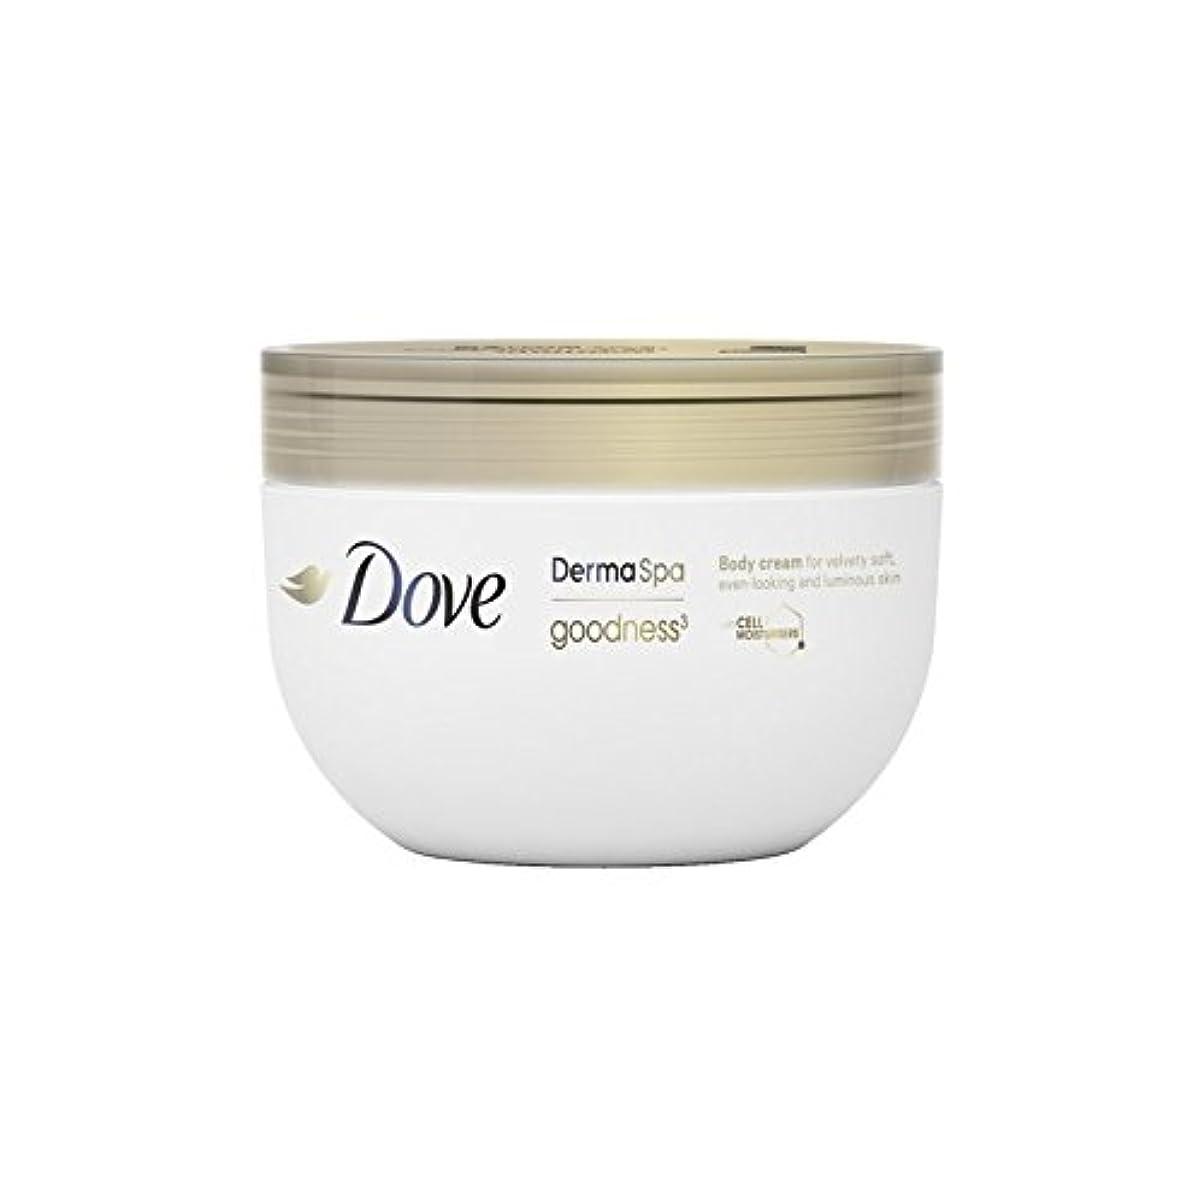 悲しいことにバトル悪夢Dove DermaSpa Goodness3 Body Cream (300ml) (Pack of 6) - 鳩の3ボディクリーム(300ミリリットル) x6 [並行輸入品]